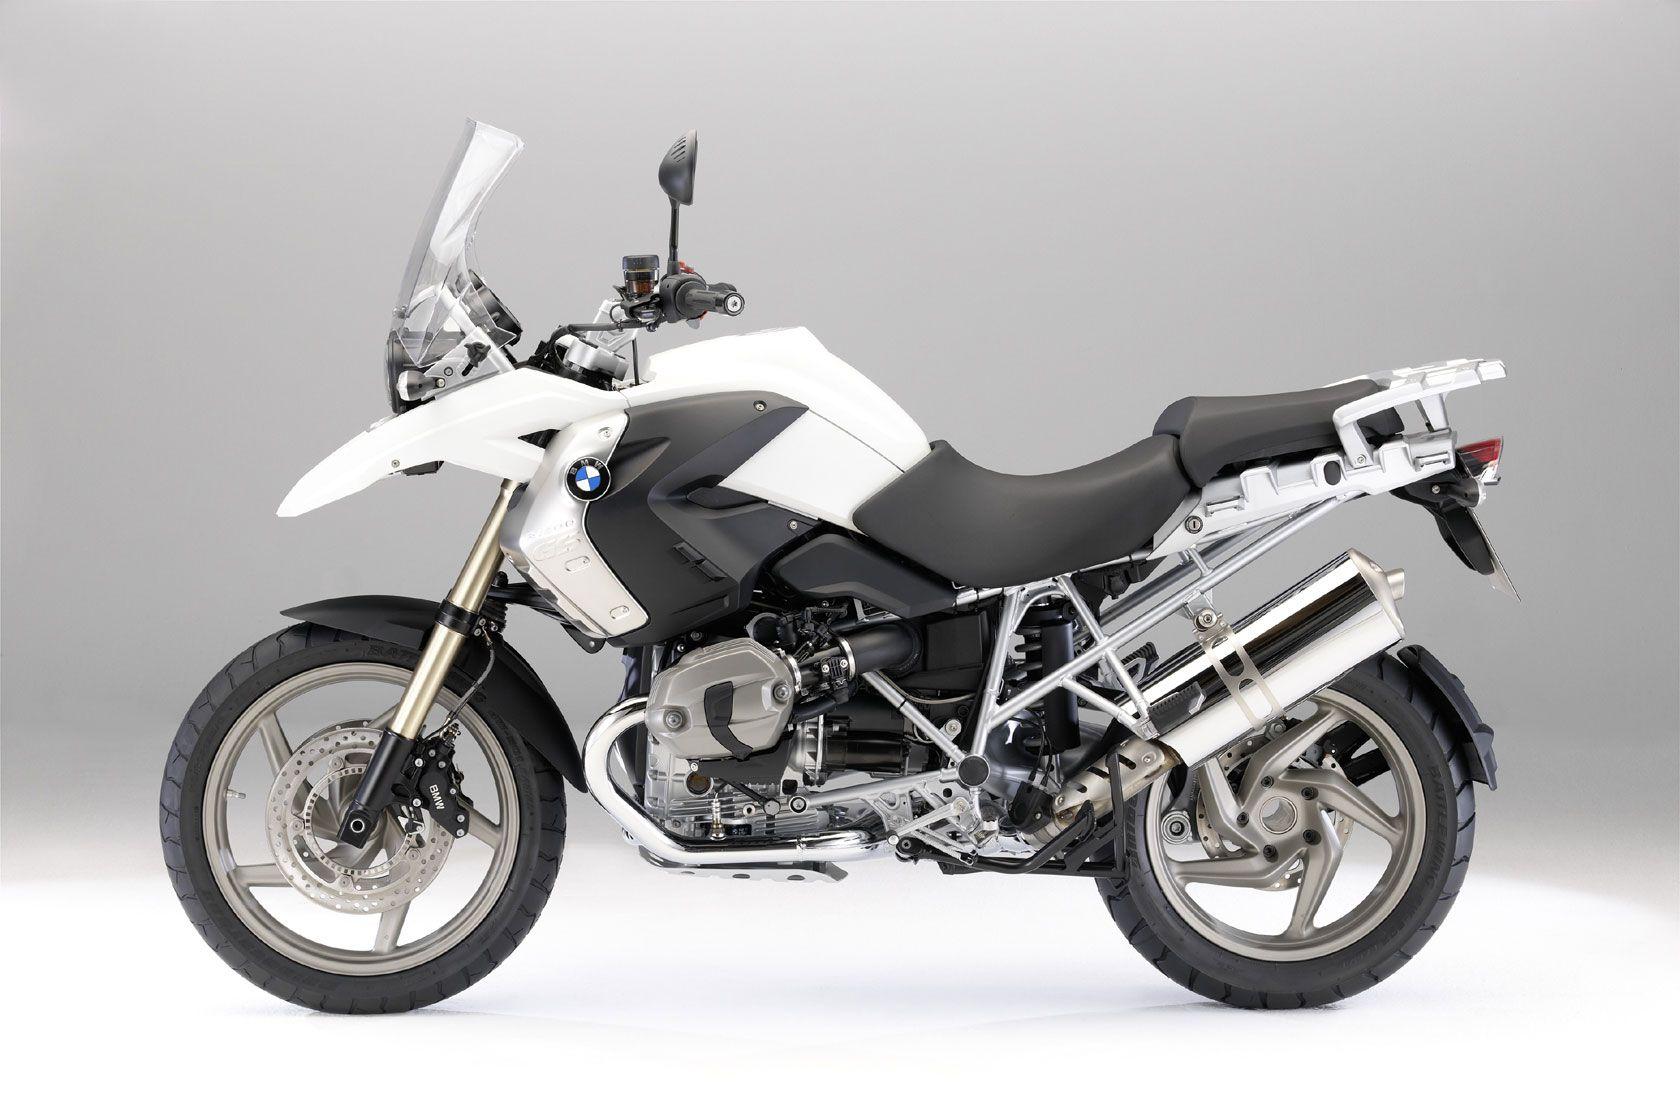 2010 BMW R1200GS Motos bmw